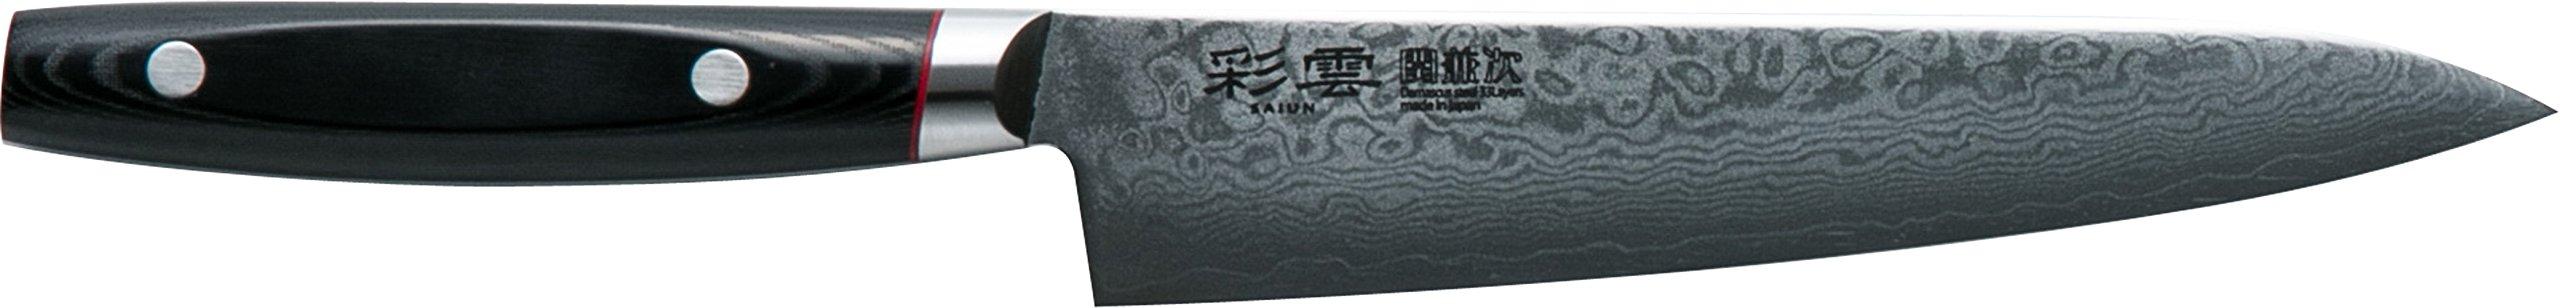 関兼次 Seki Kenji Hamono Japanese Knife ''Saiun'' Damascus Steel Stainless VG-10 Made in Japan (Petit Knife 150mm) Made in Japan